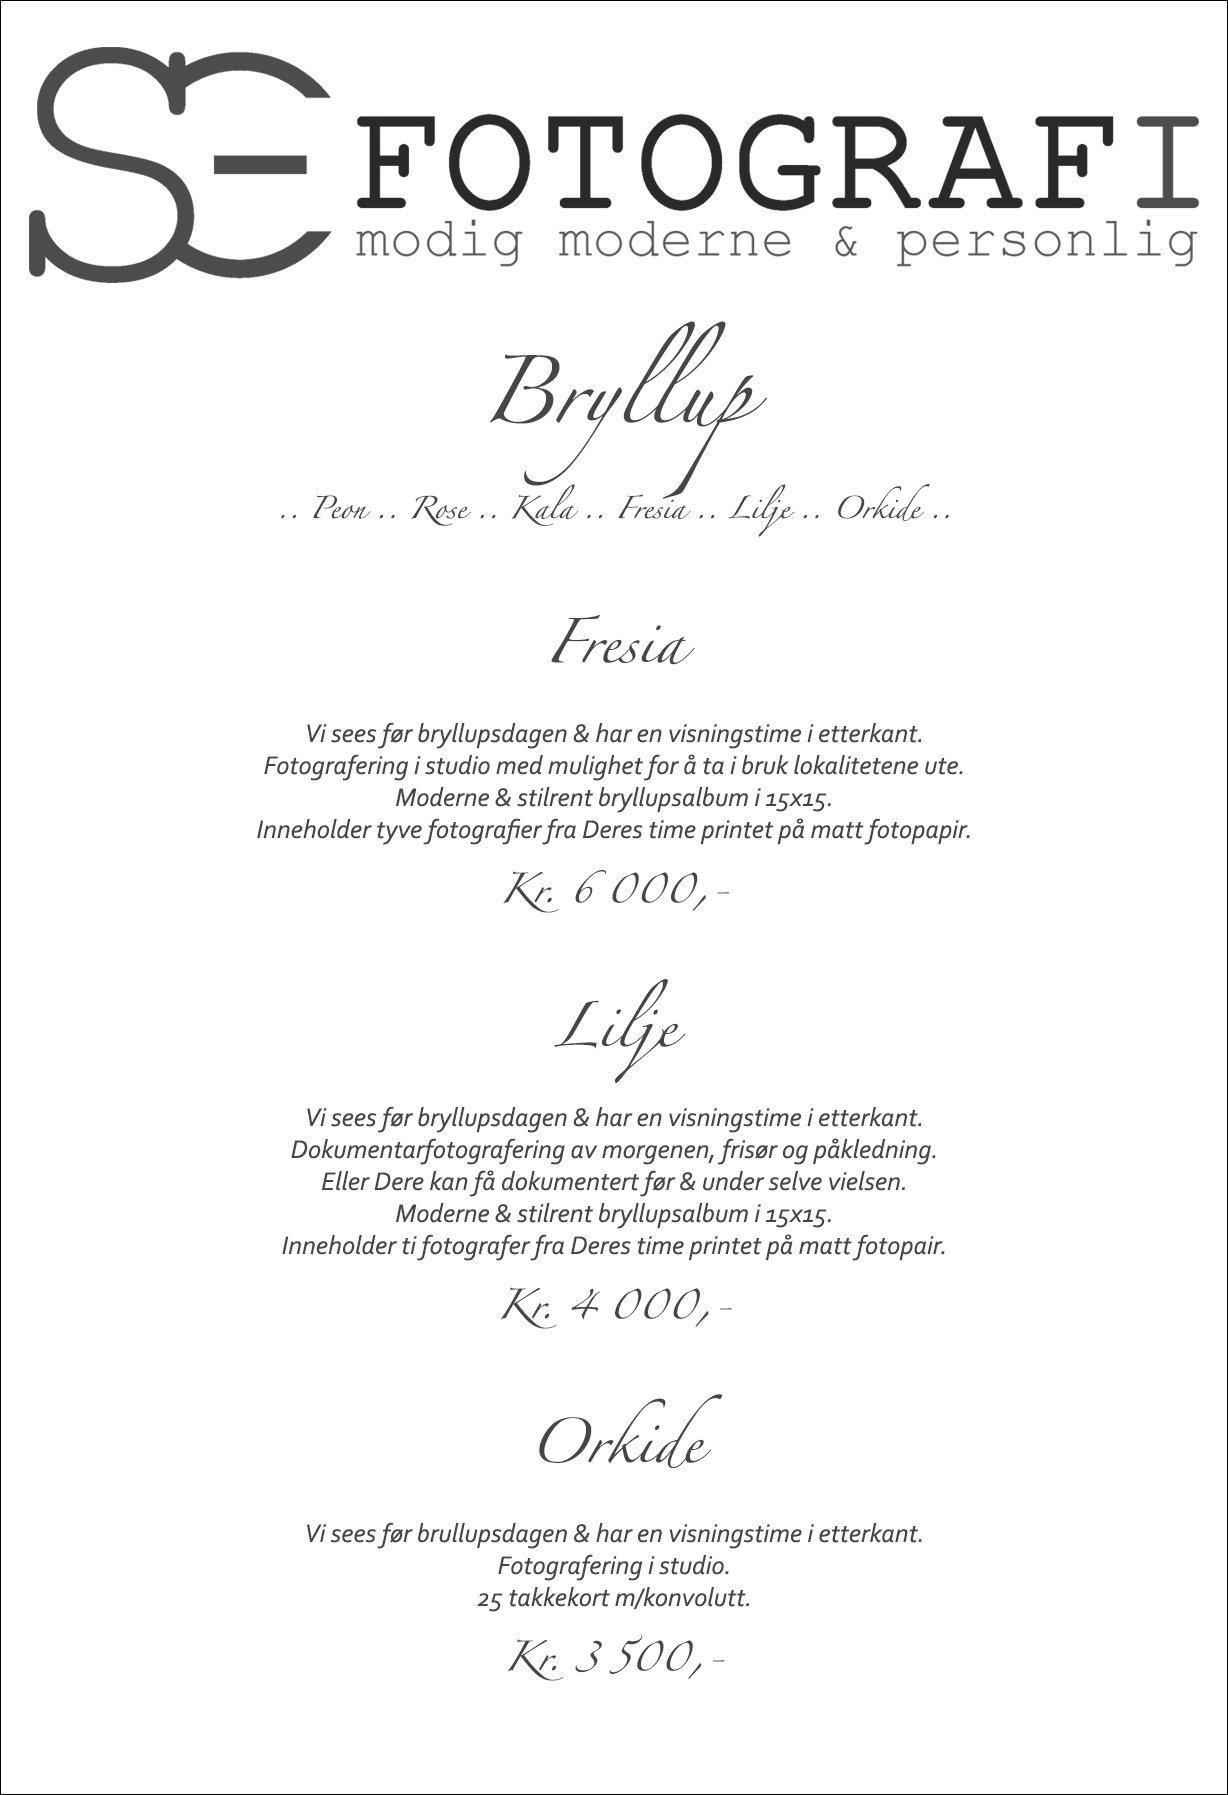 PRISLISTE-Bryllup-2-SE-Fotografi.jpg